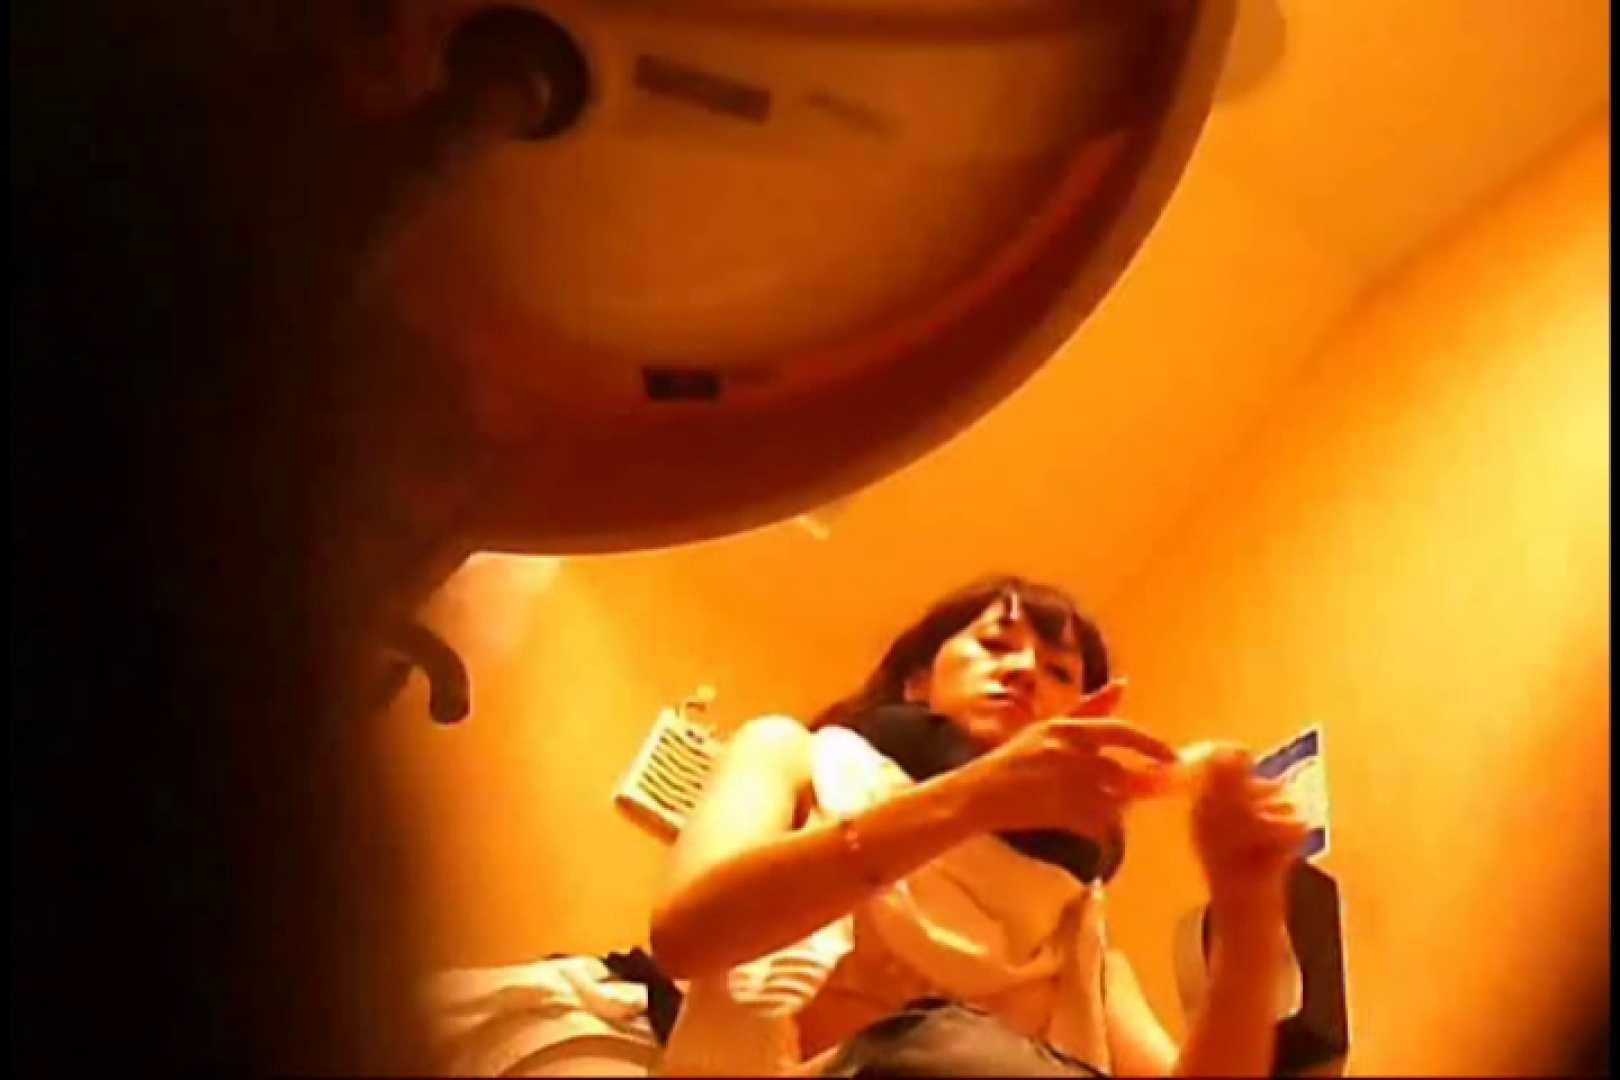 潜入!!女子化粧室盗撮~絶対見られたくない時間~vo,44 熟女丸裸 | お尻  71pic 26